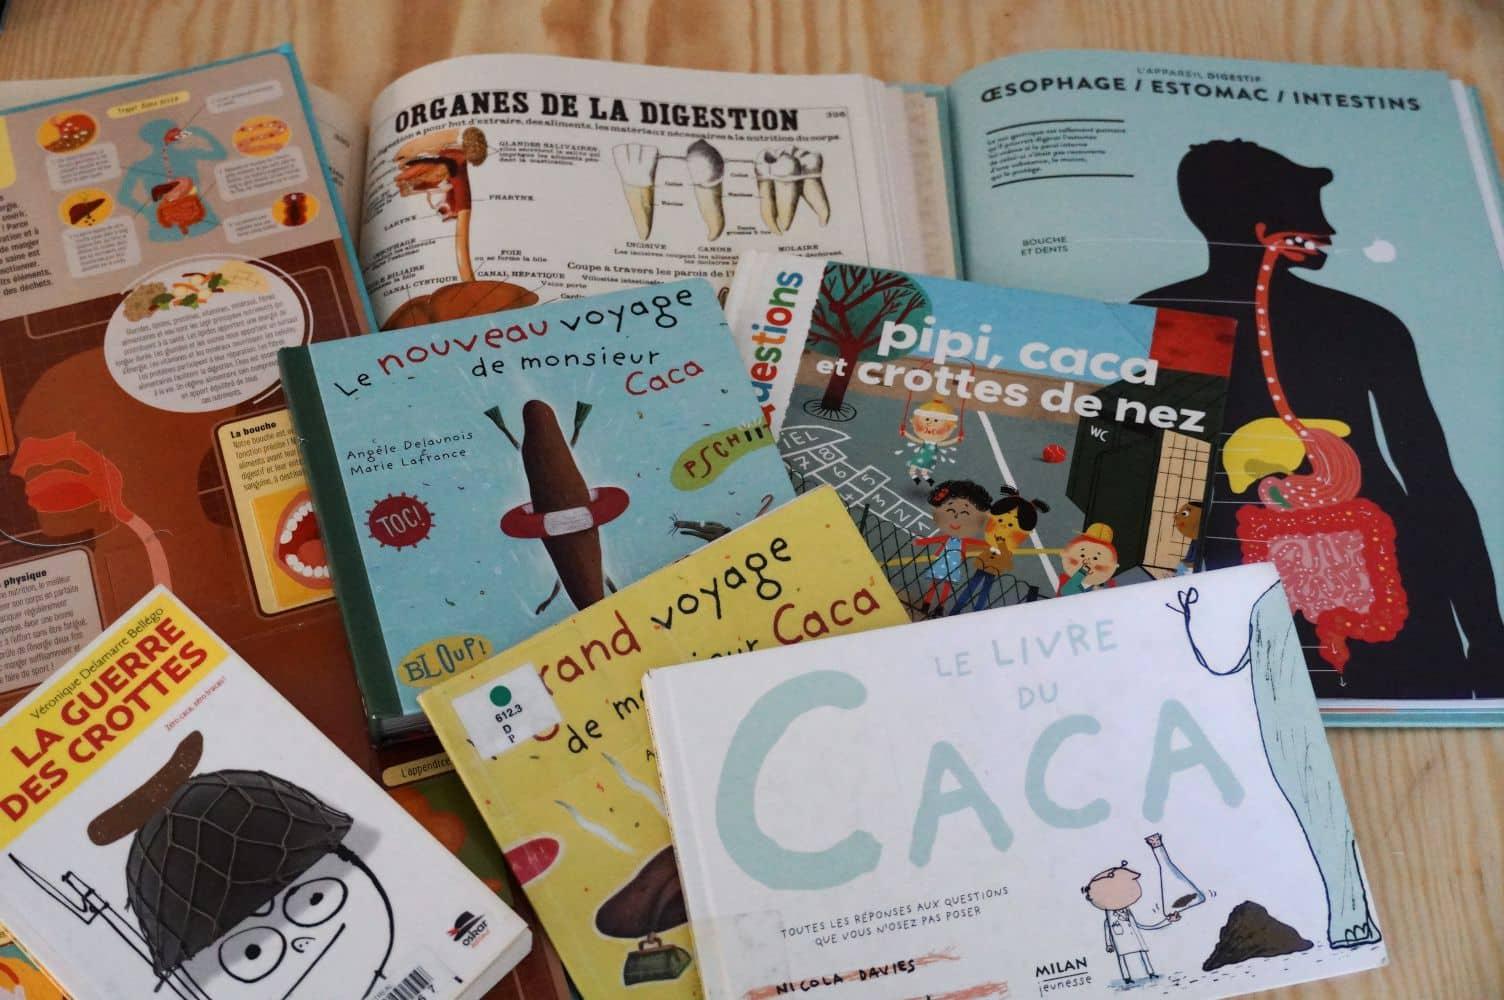 Livres sur le caca copyright crapaud-chameau.com